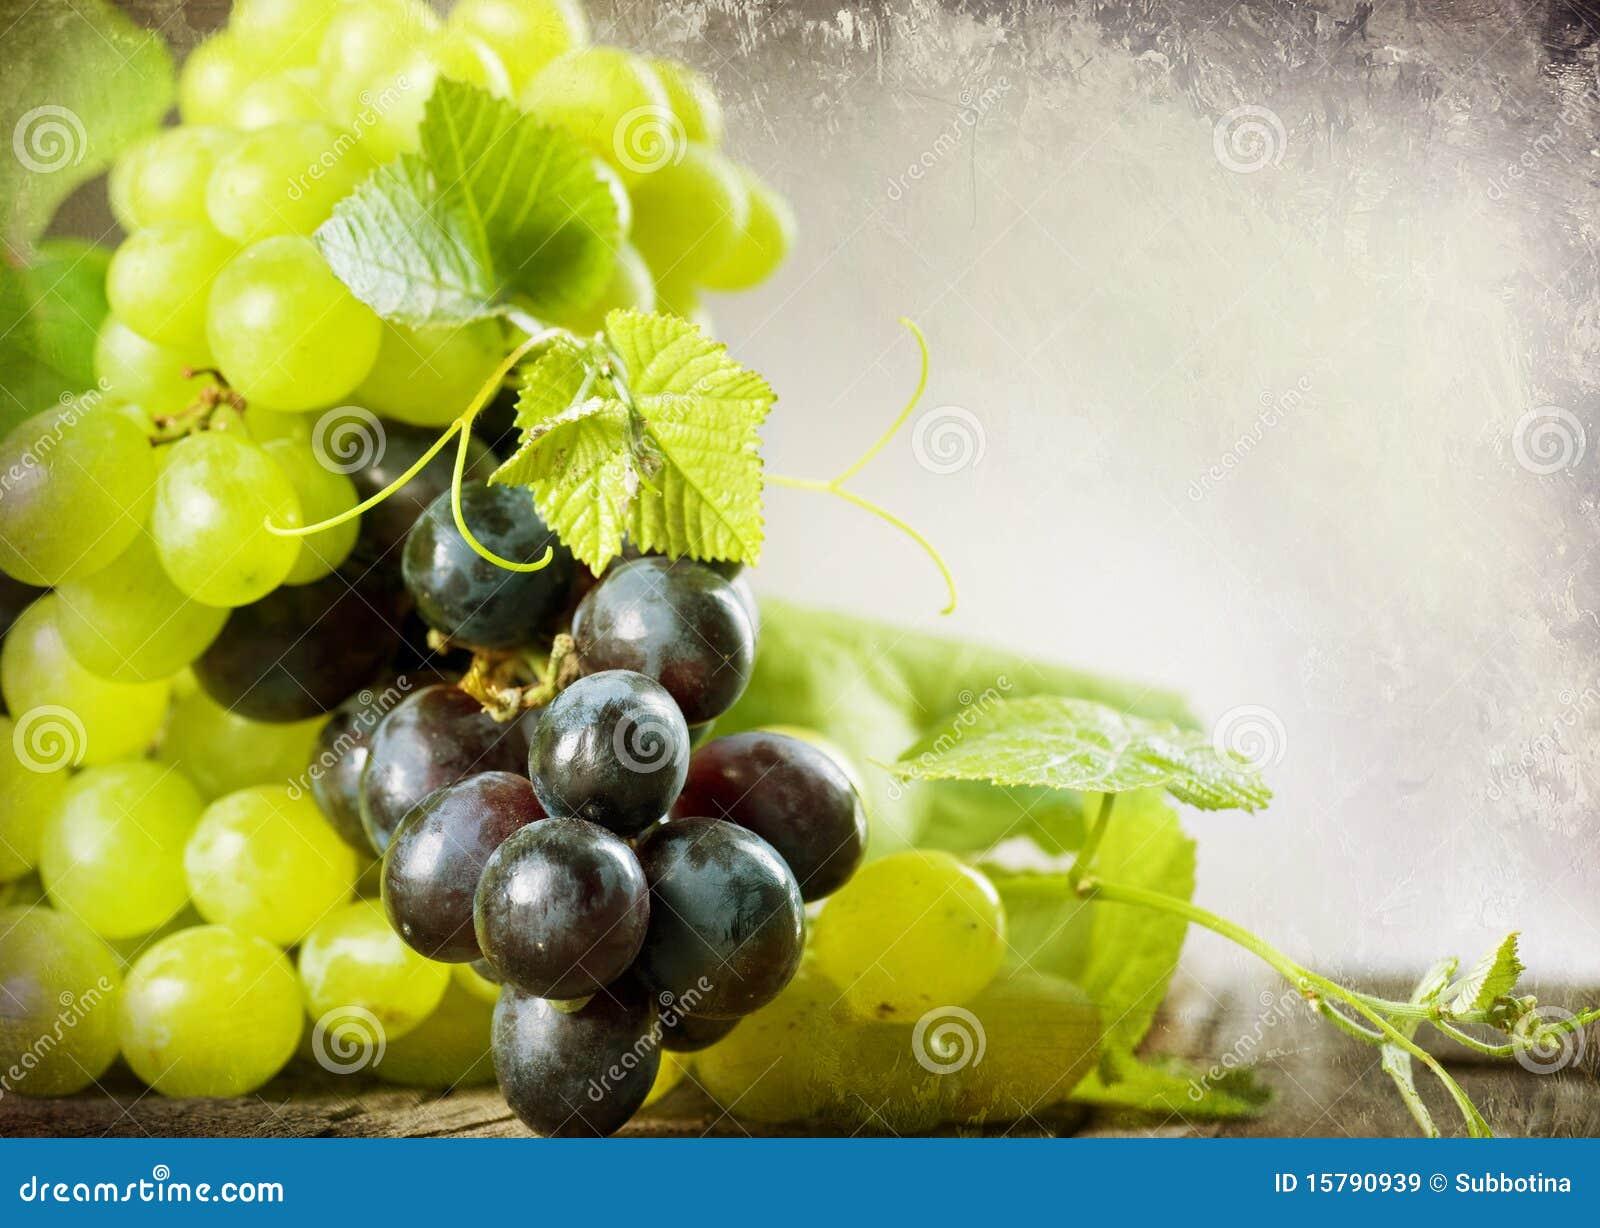 Grapes border design